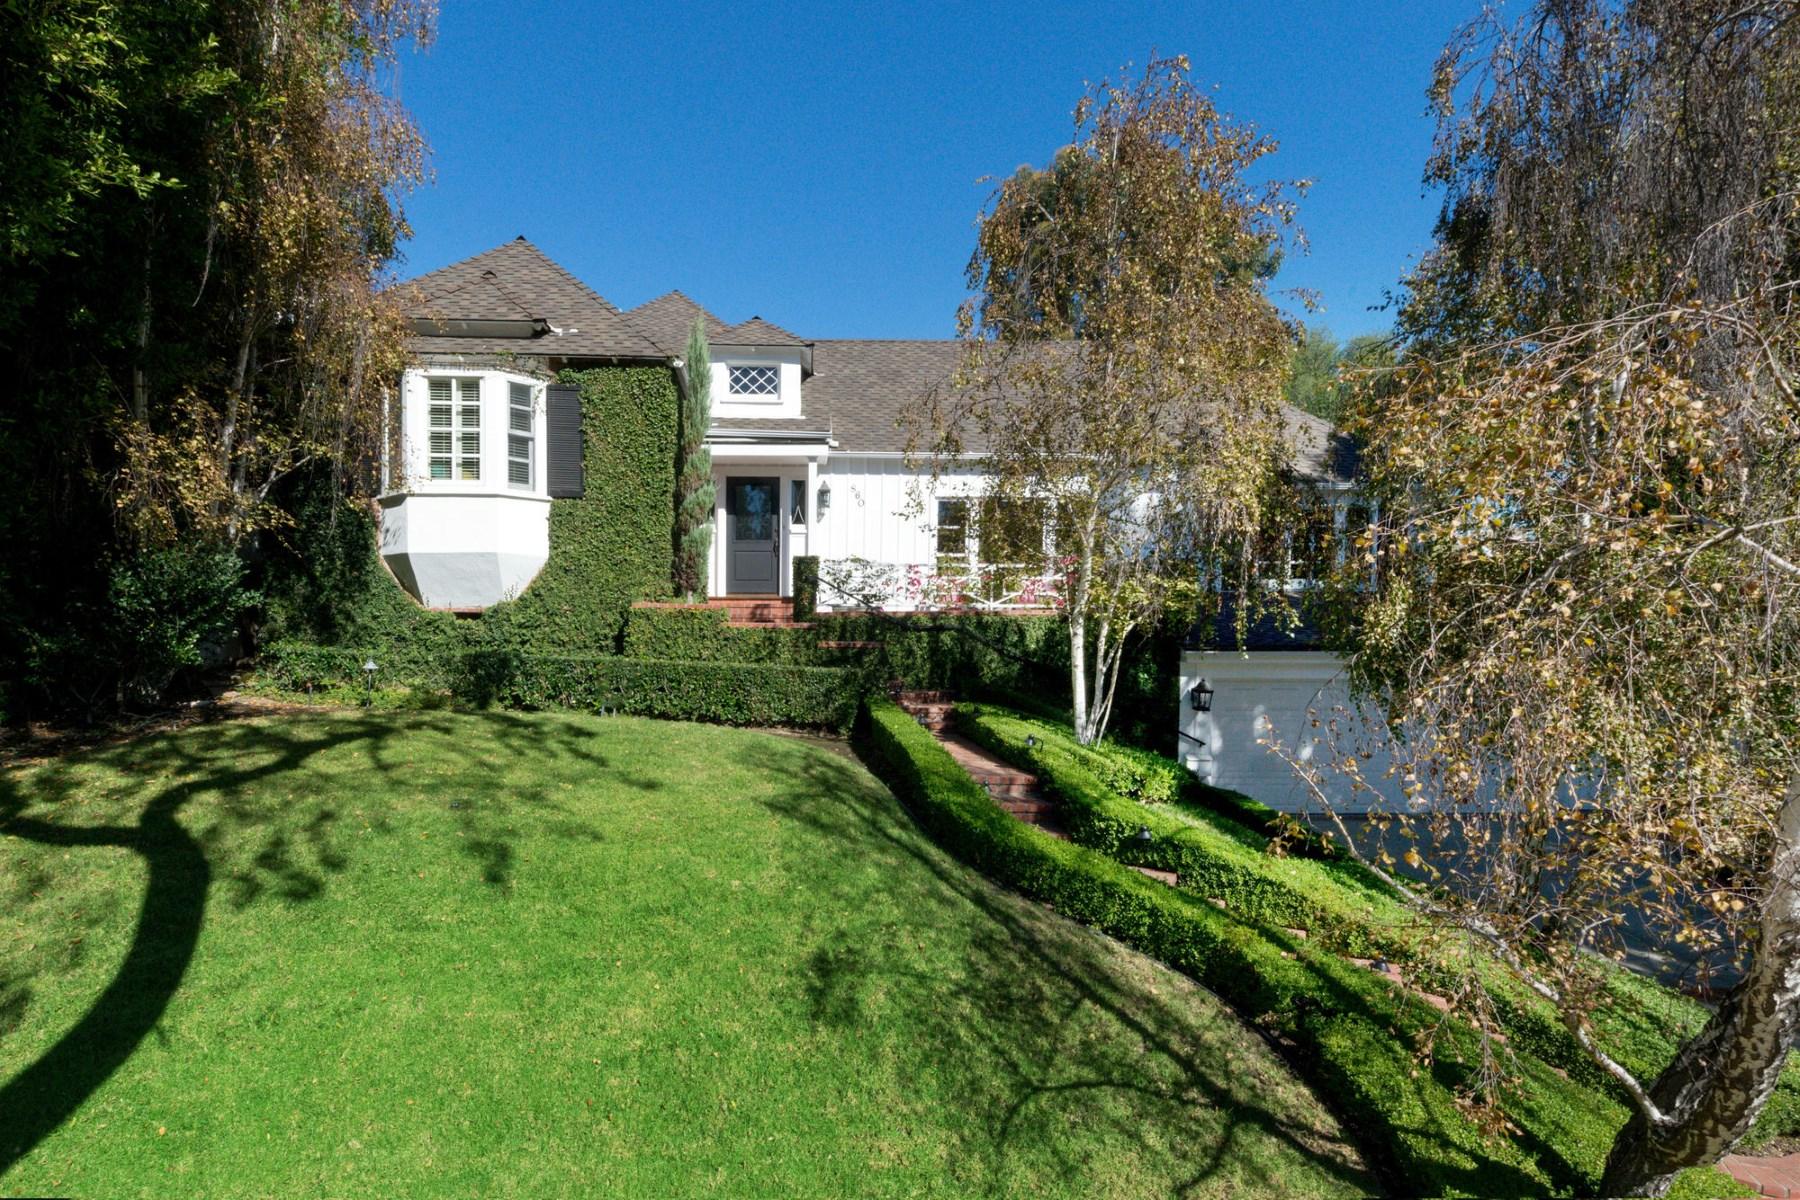 Частный односемейный дом для того Продажа на Pristine Little Holmby Traditional 860 Glenmont Avenue Los Angeles, Калифорния, 90024 Соединенные Штаты